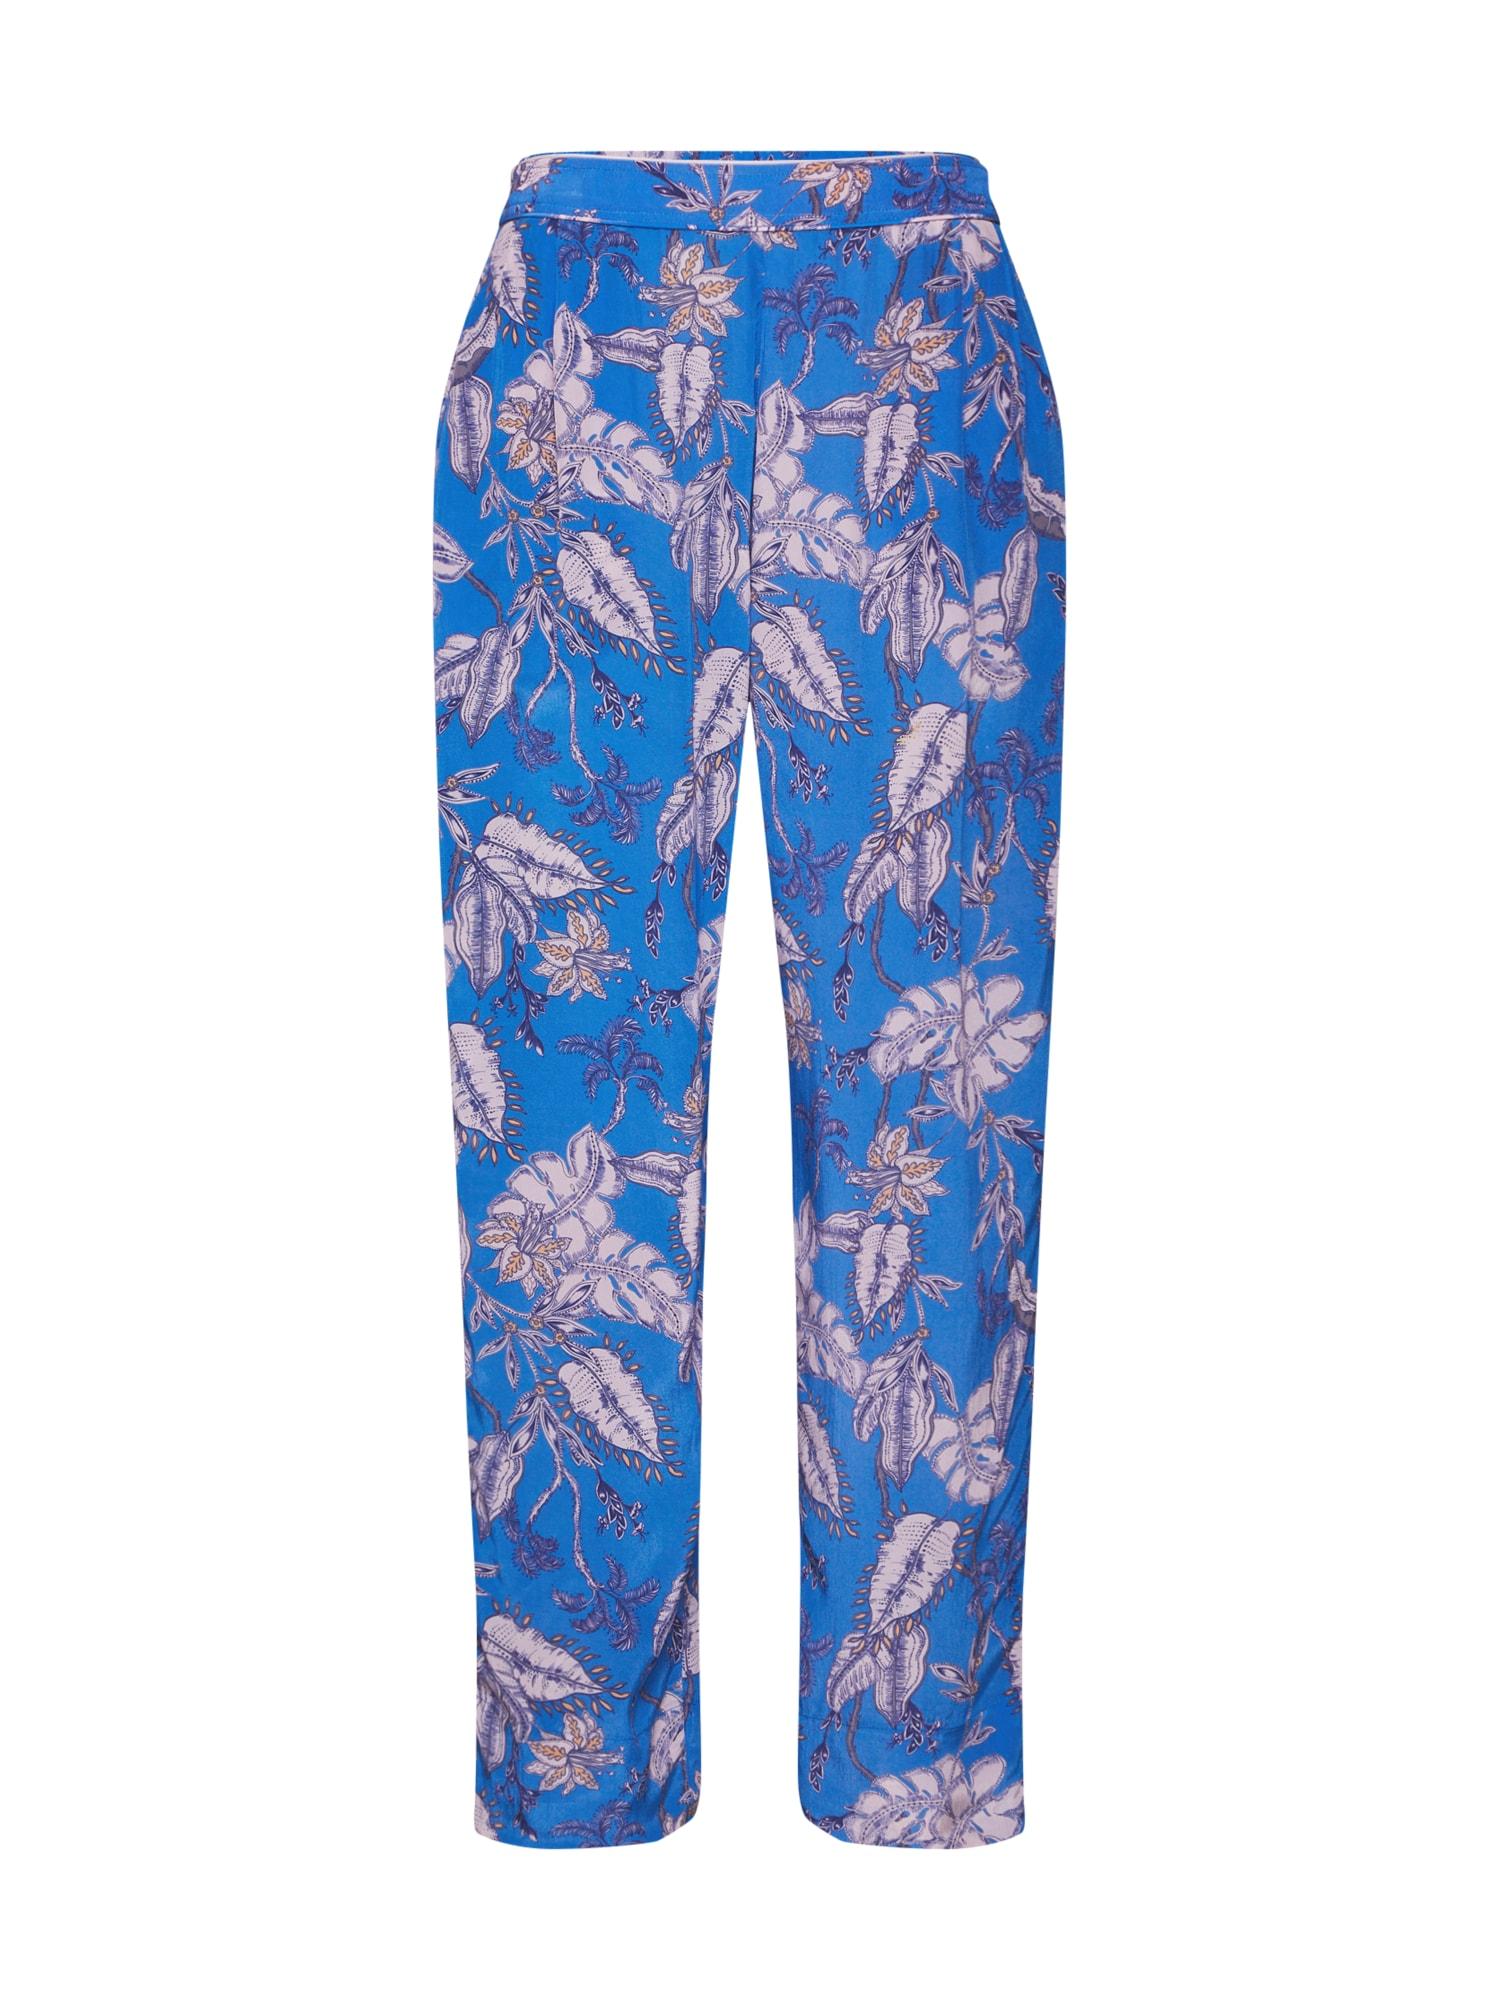 Kalhoty se sklady v pase Elke Vita Pant světlemodrá růže MOS MOSH